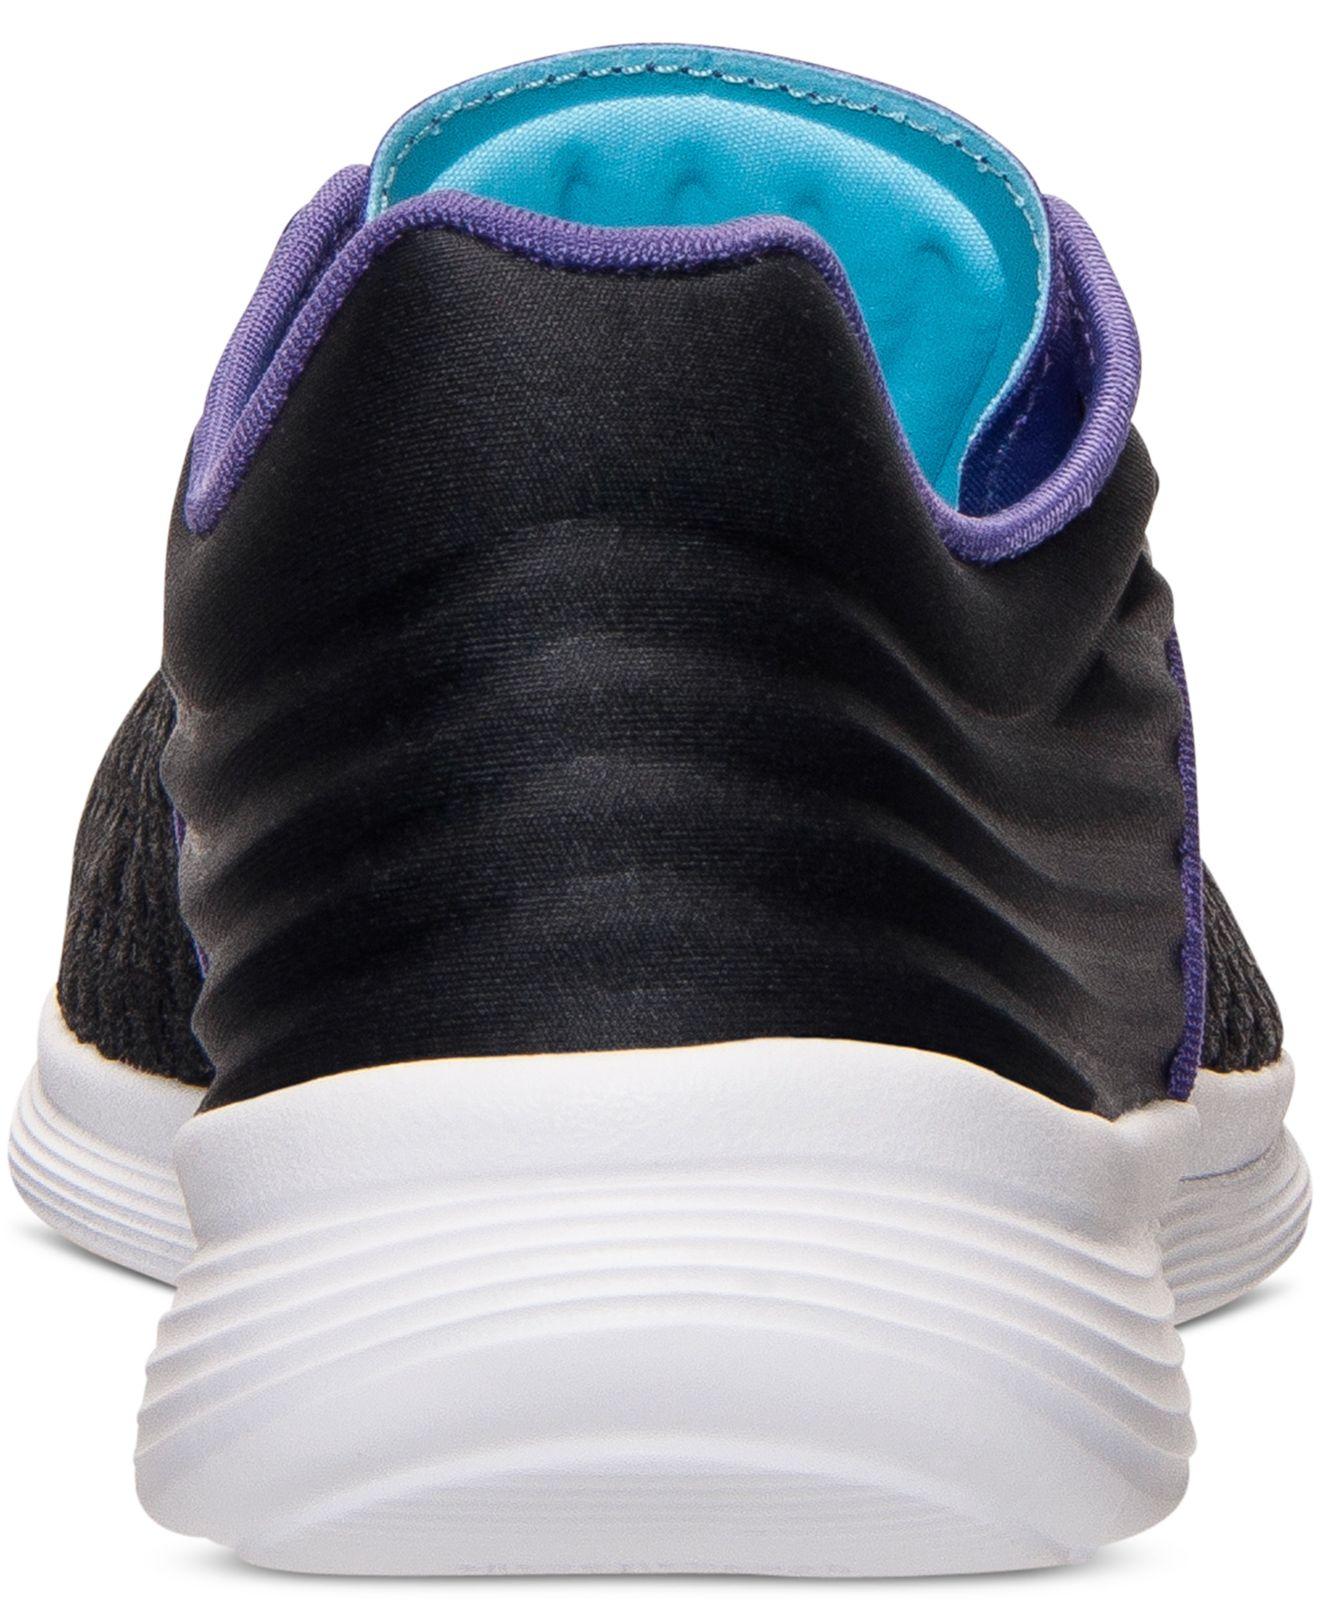 9bbcdf496ef Lyst - Reebok Women s Skyscape Fuse Walking Sneakers From Finish ...